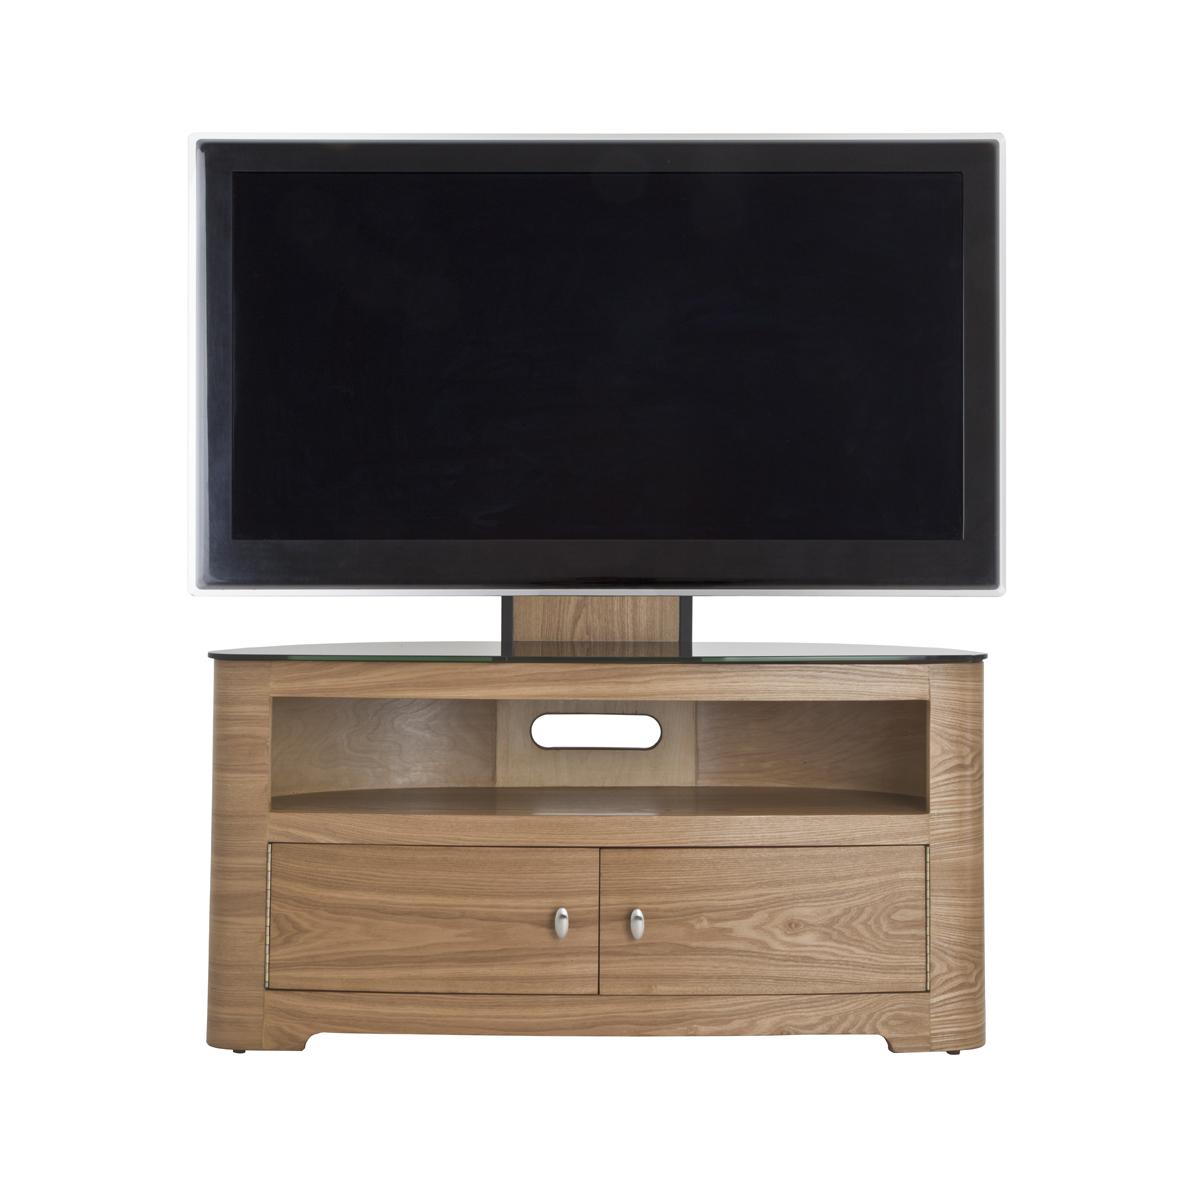 large oak veneer oval lcd plasma tv stand cabinet 42 inch screens ebay. Black Bedroom Furniture Sets. Home Design Ideas